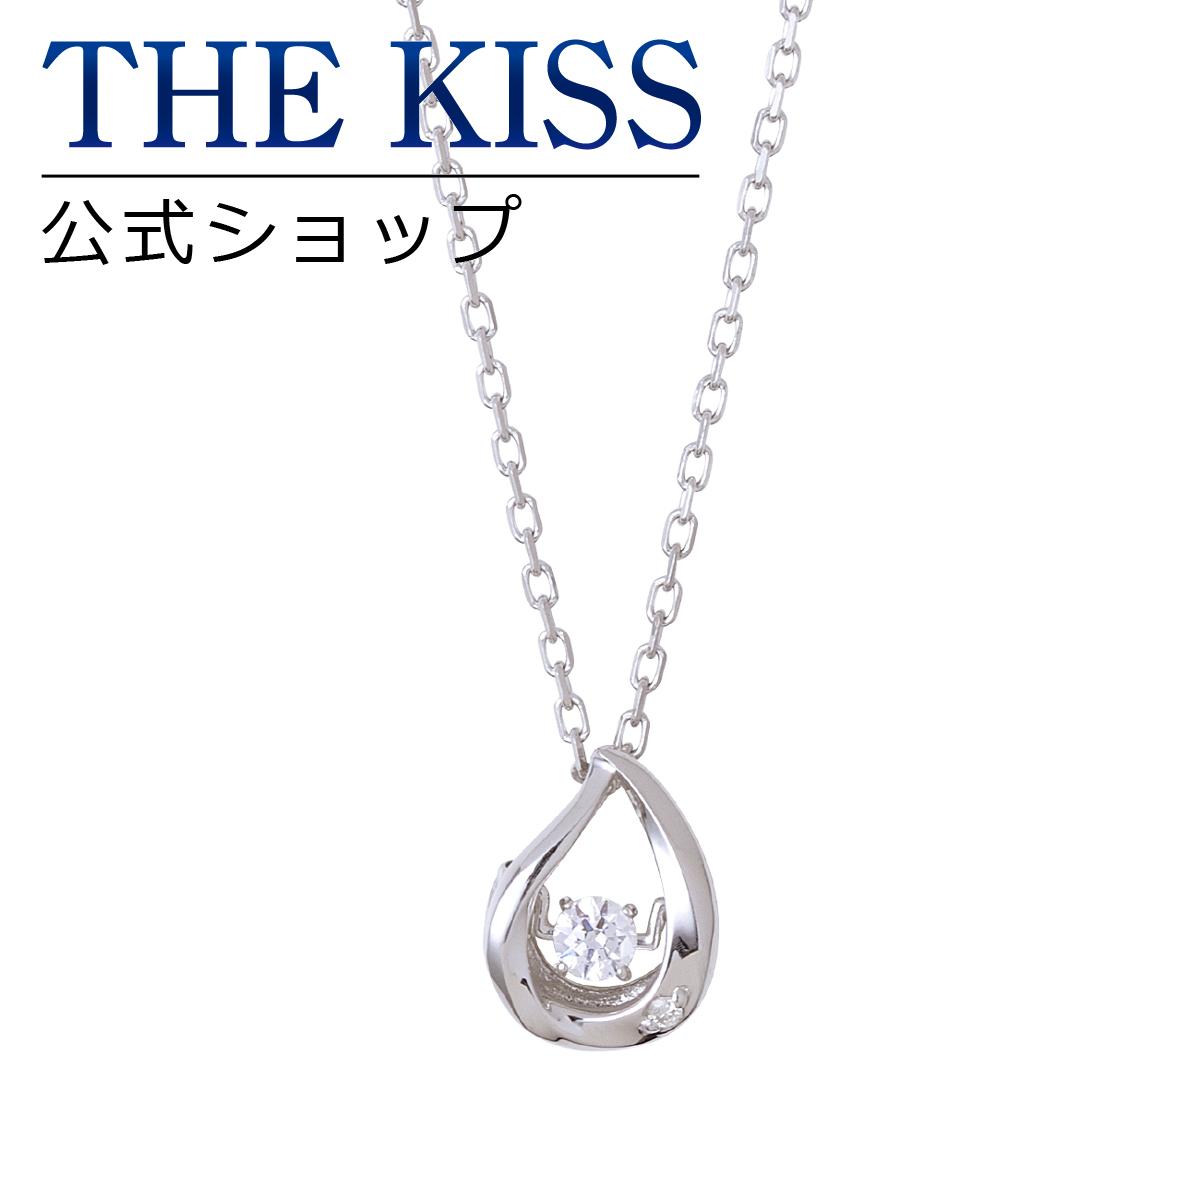 【あす楽対応】ダンシングストーン Dancing Stone THE KISS 公式サイト シルバー ネックレス レディースジュエリー・アクセサリー ジュエリーブランド THEKISS ネックレス・ペンダント 記念日 SPD1407DM ザキス 【Twinkling】【送料無料】